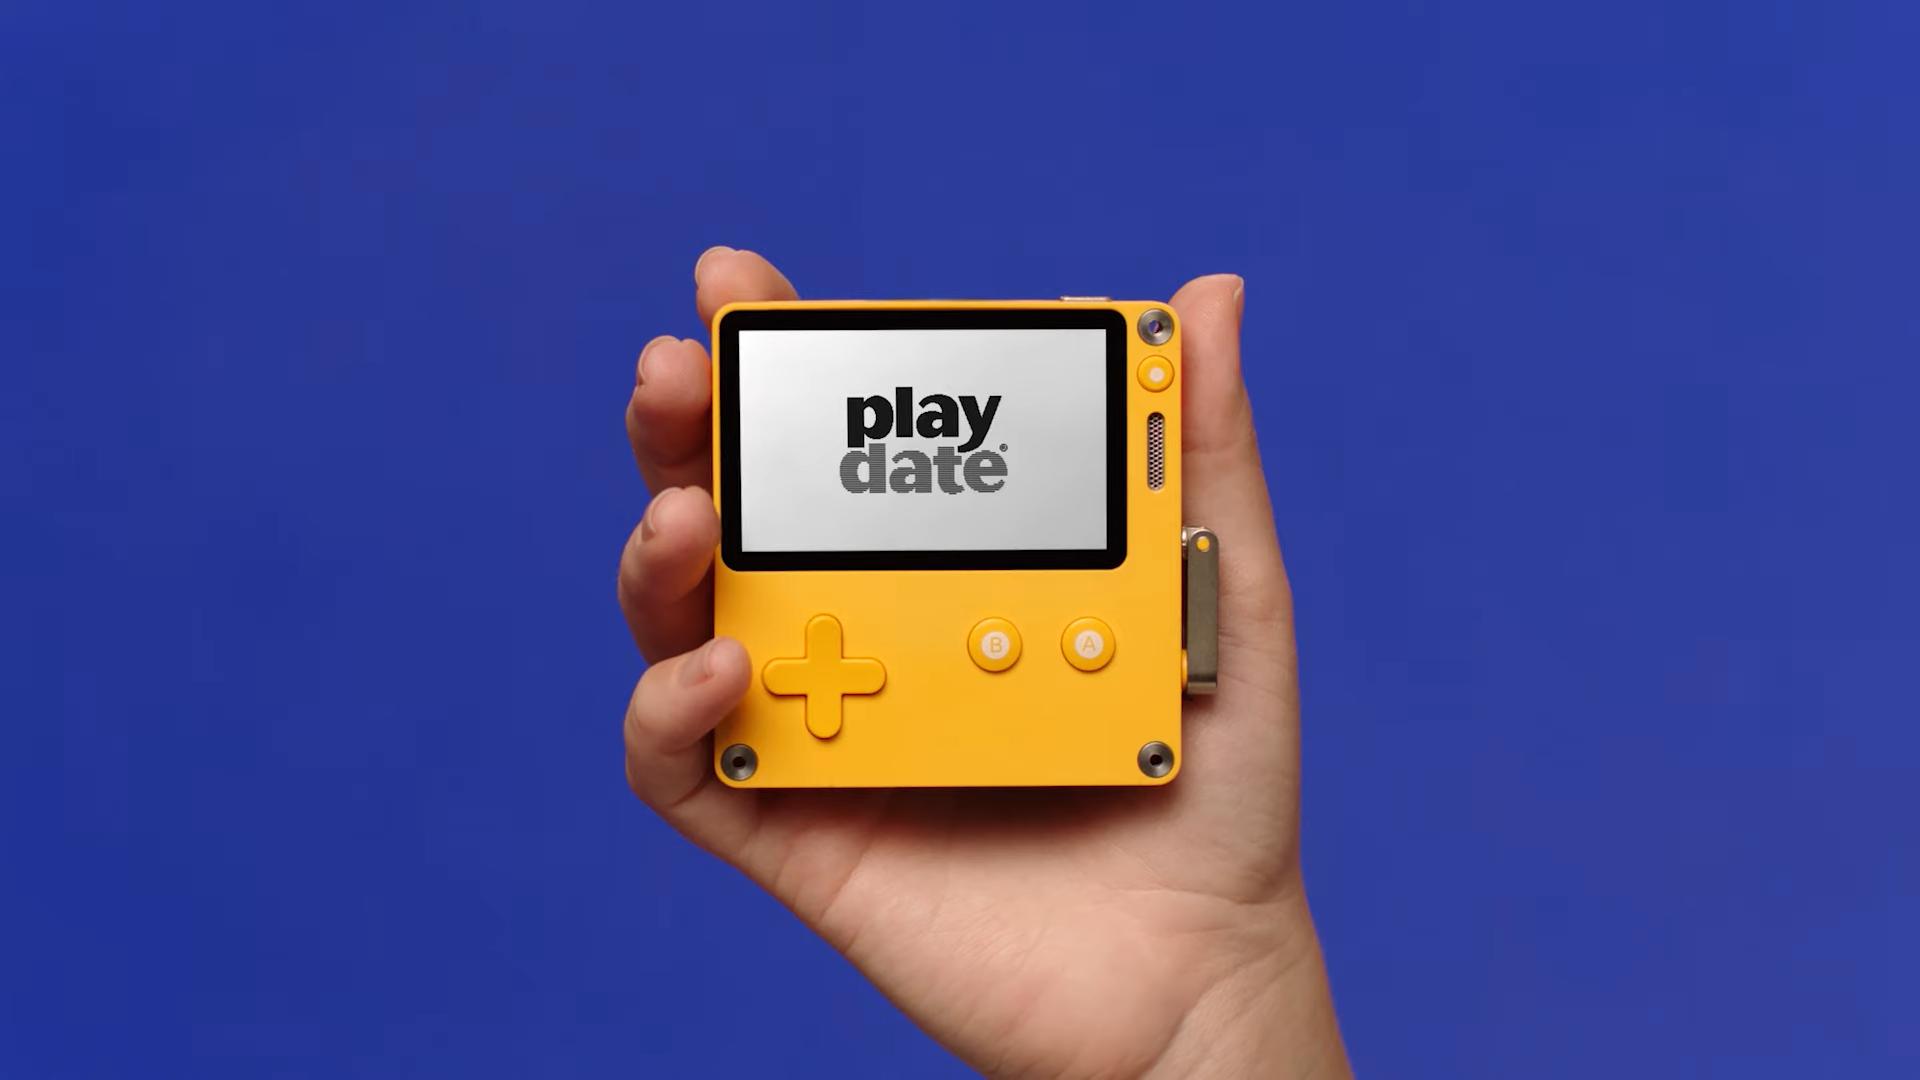 Playdate console